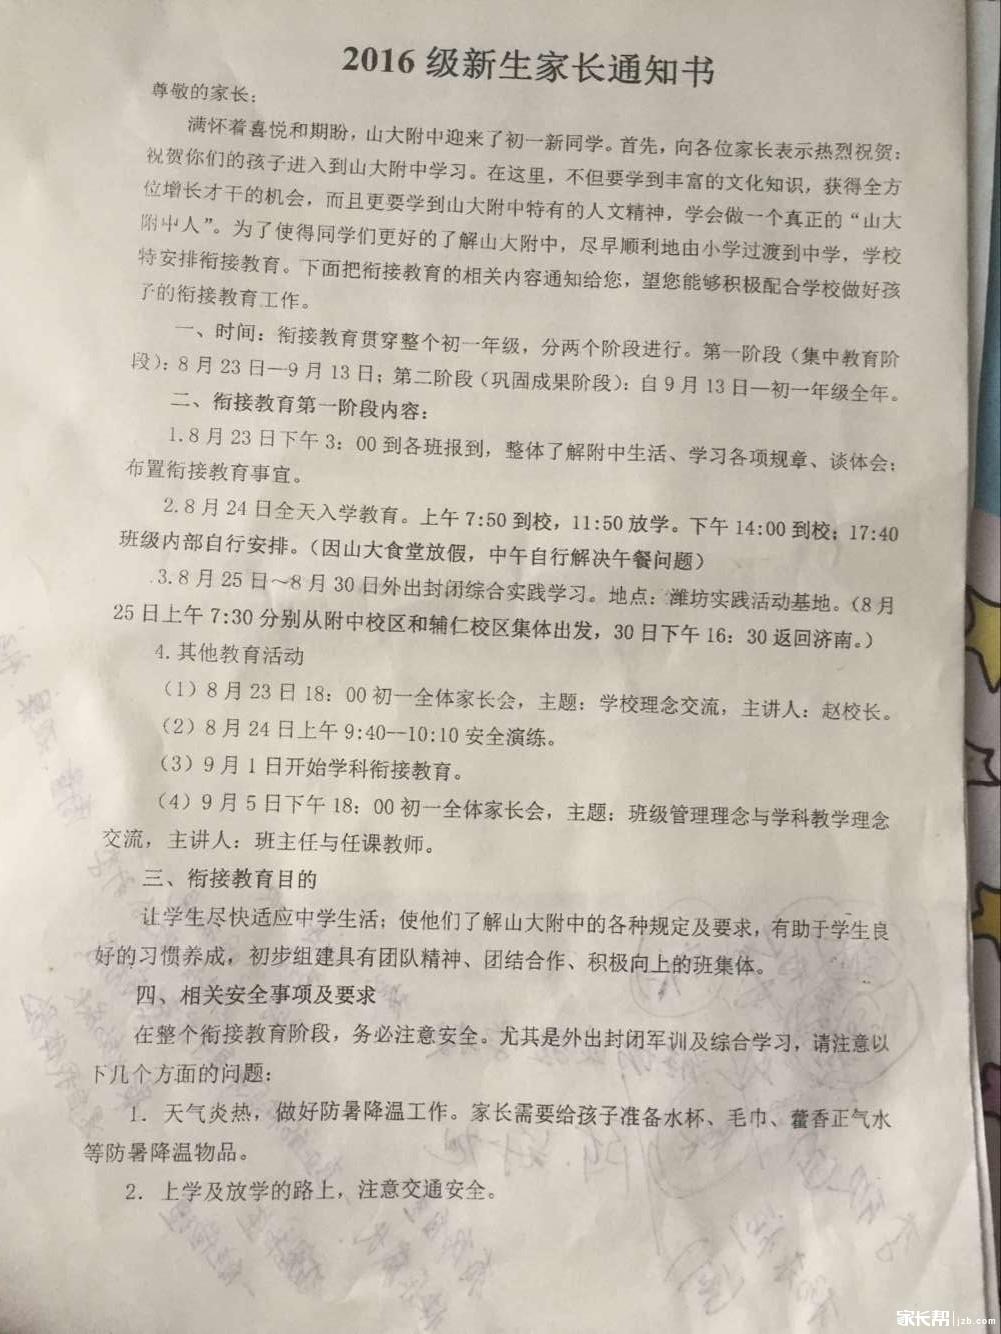 济南山大附中2016年新初一入学芭通知2014初中泉州物理图片